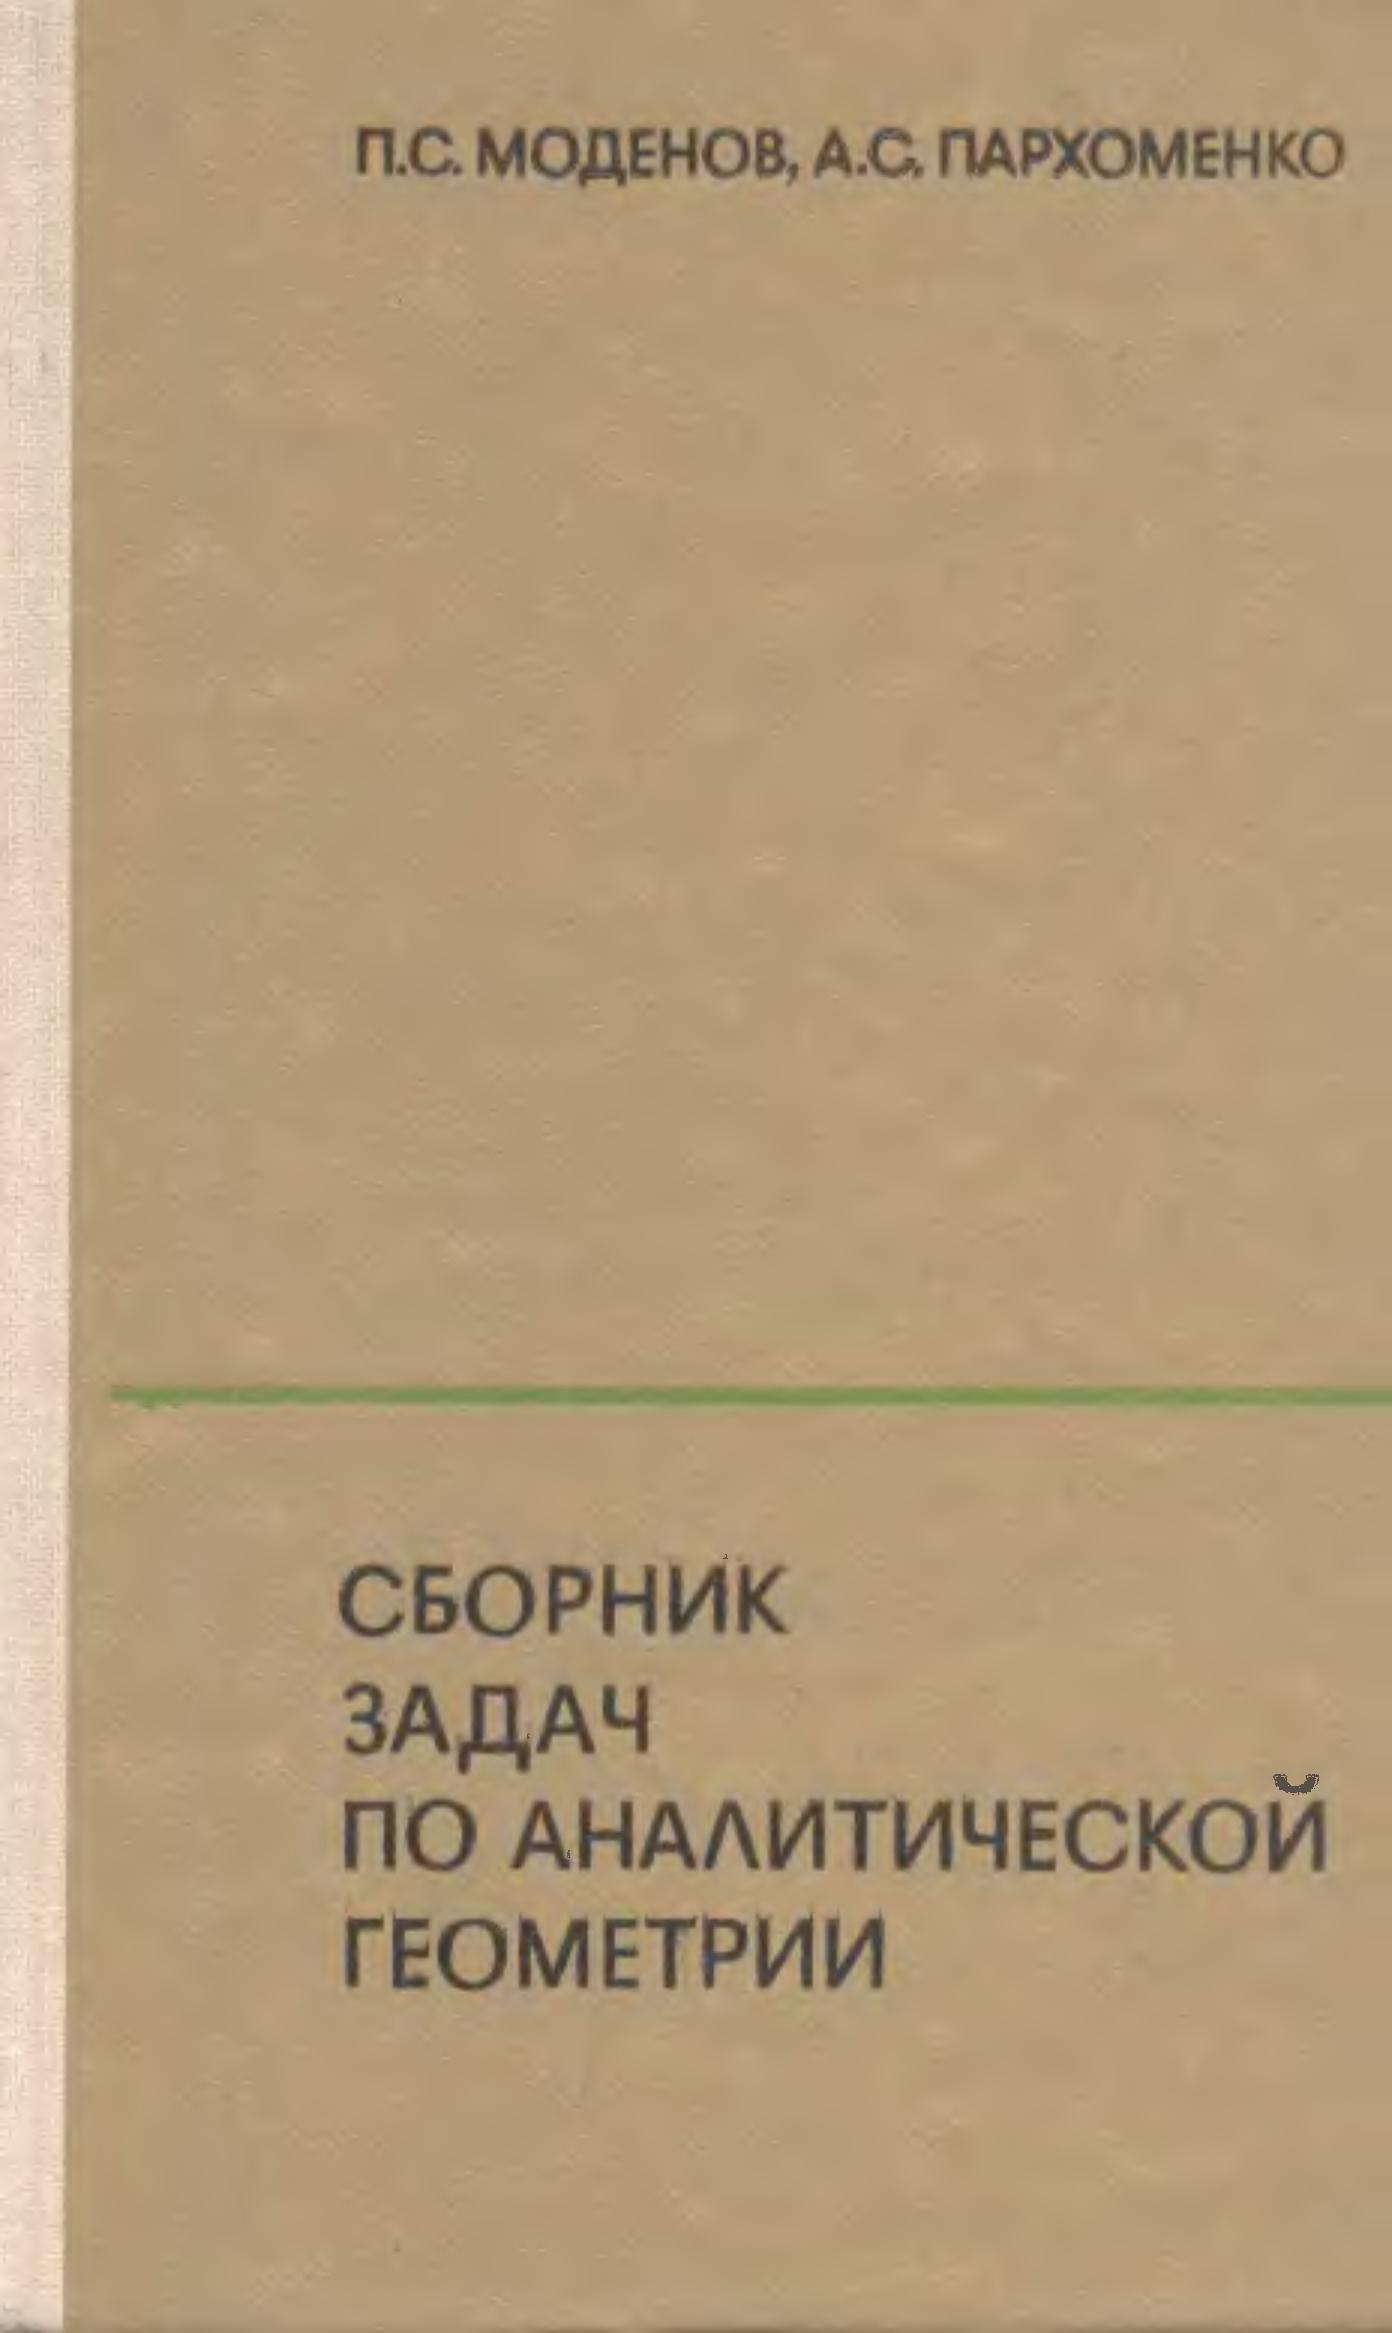 Решебник для сборника задач по аналитической химии васильева